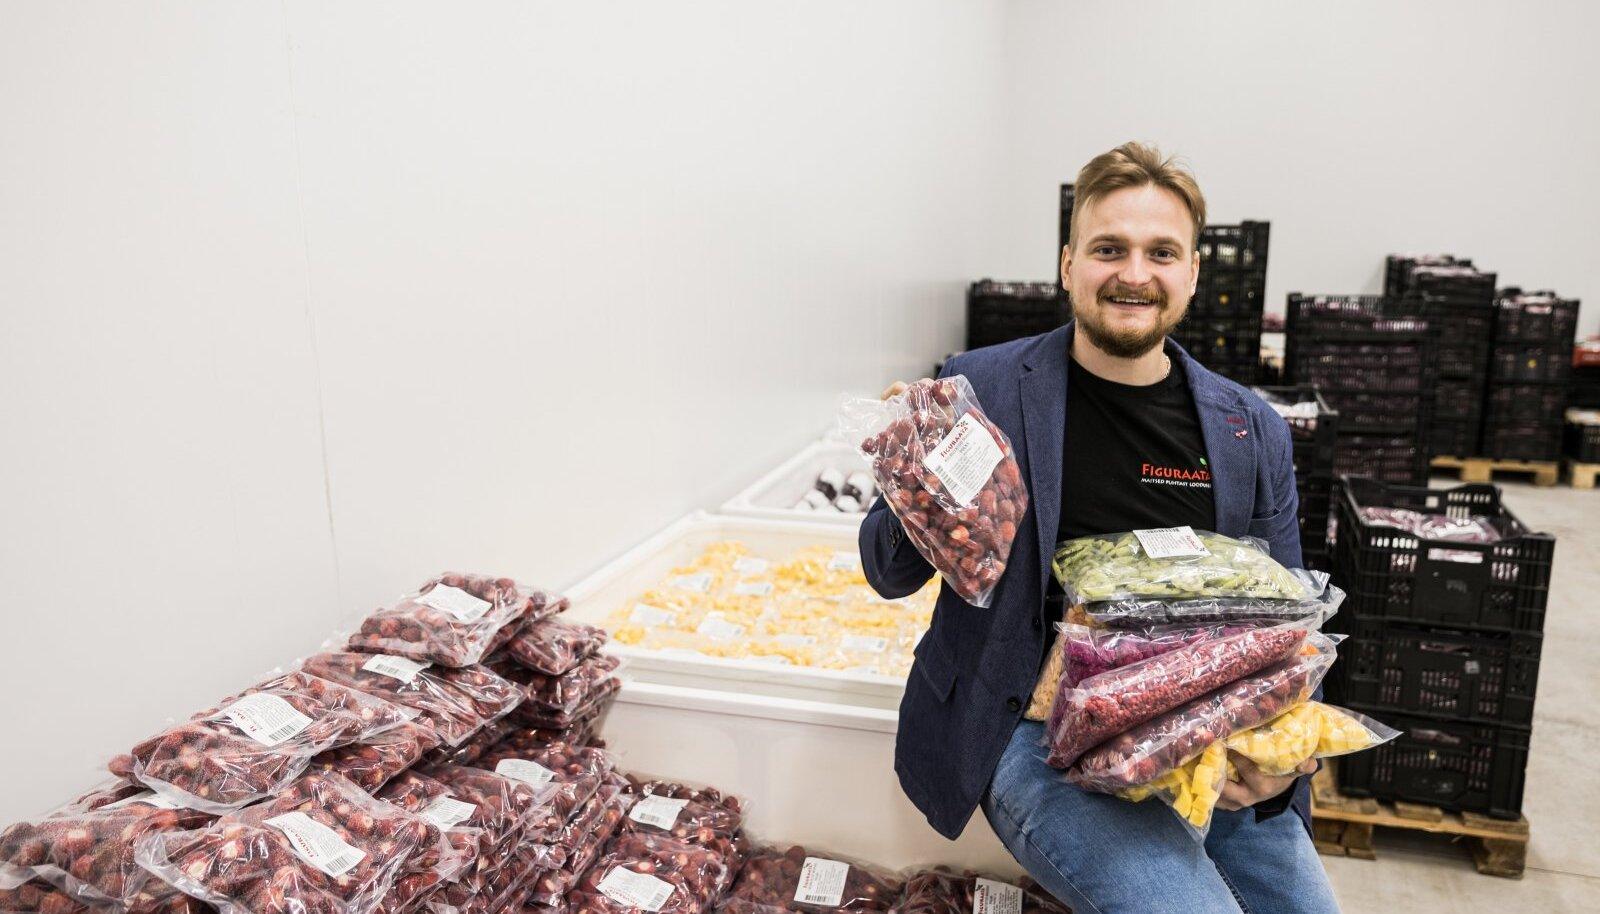 Vallo Vaherpuu hoolitseb, et Figuraata e-poes oleks lai valik külmutatud marju ja puuvilju. Külmkambris, kus pilt on tehtud, valitseb –25kraadine pakane.